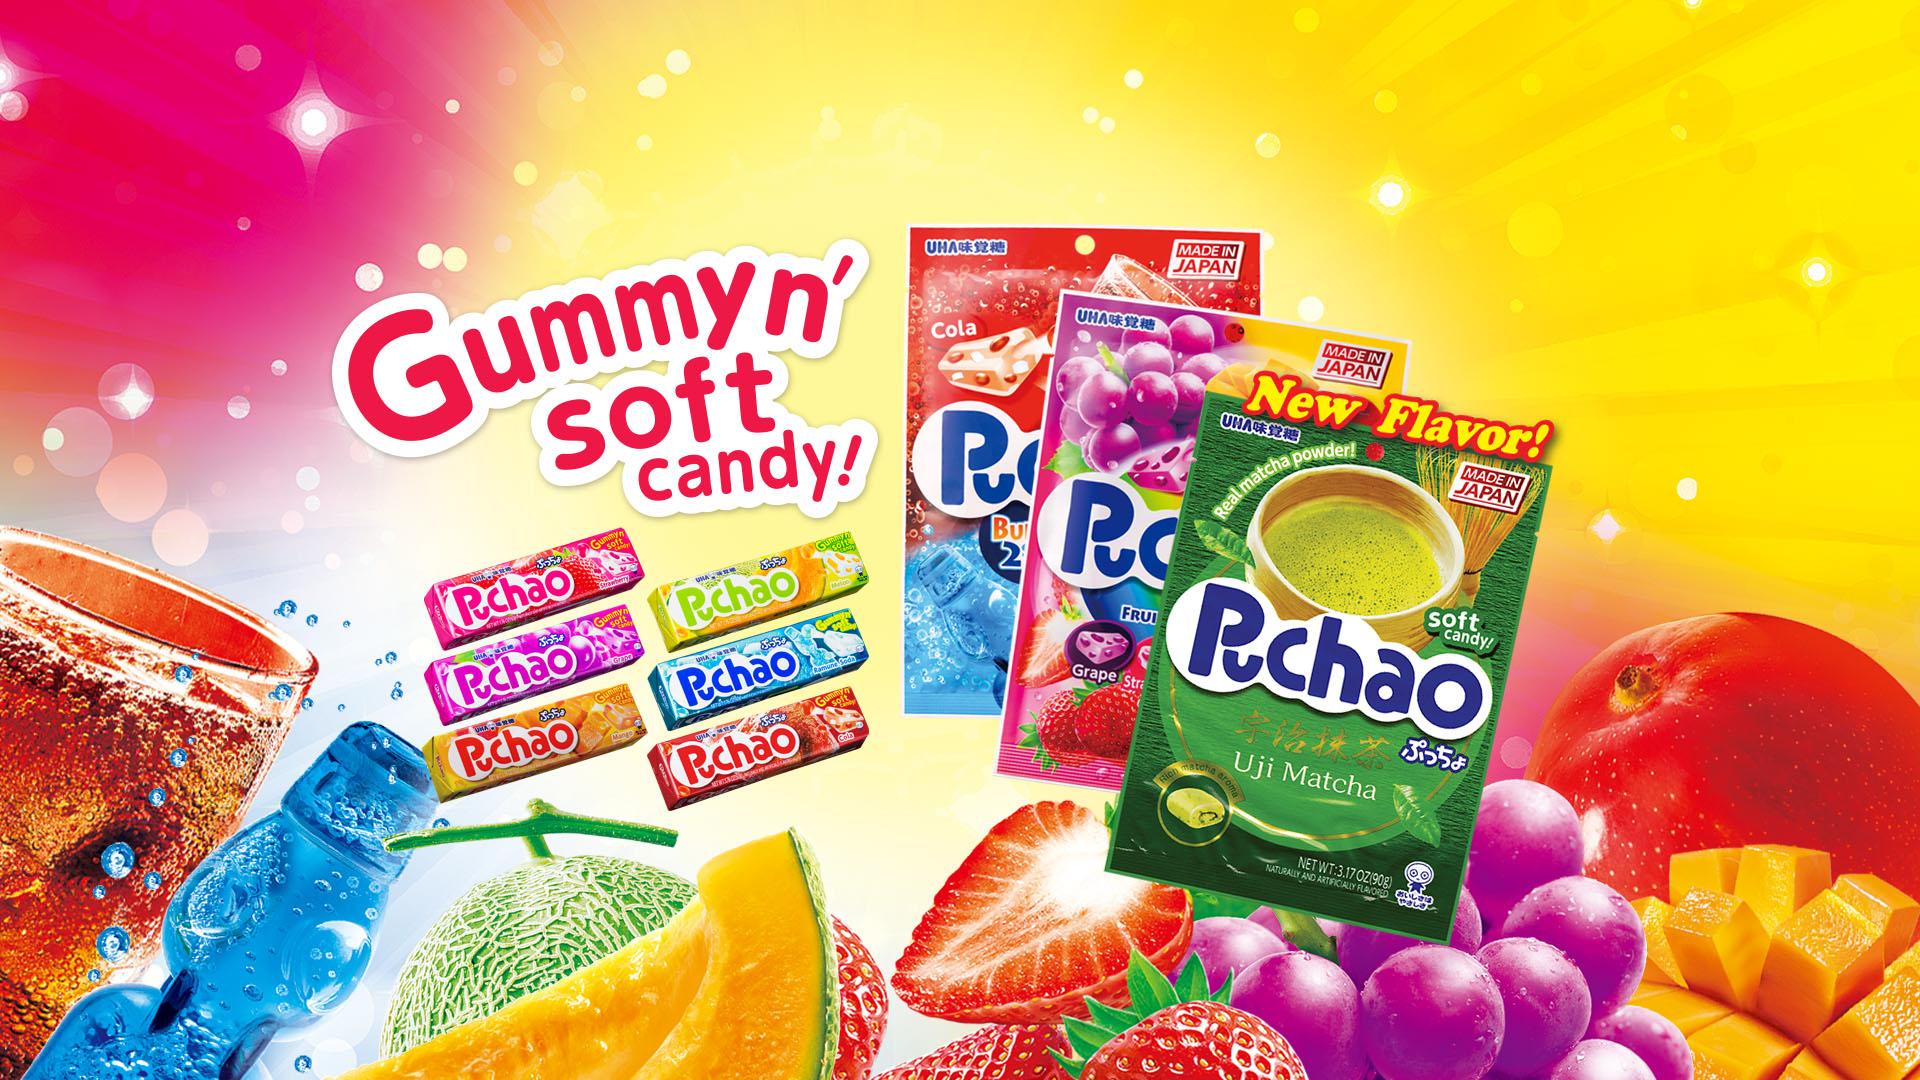 Puchao Gummyn' soft candy!